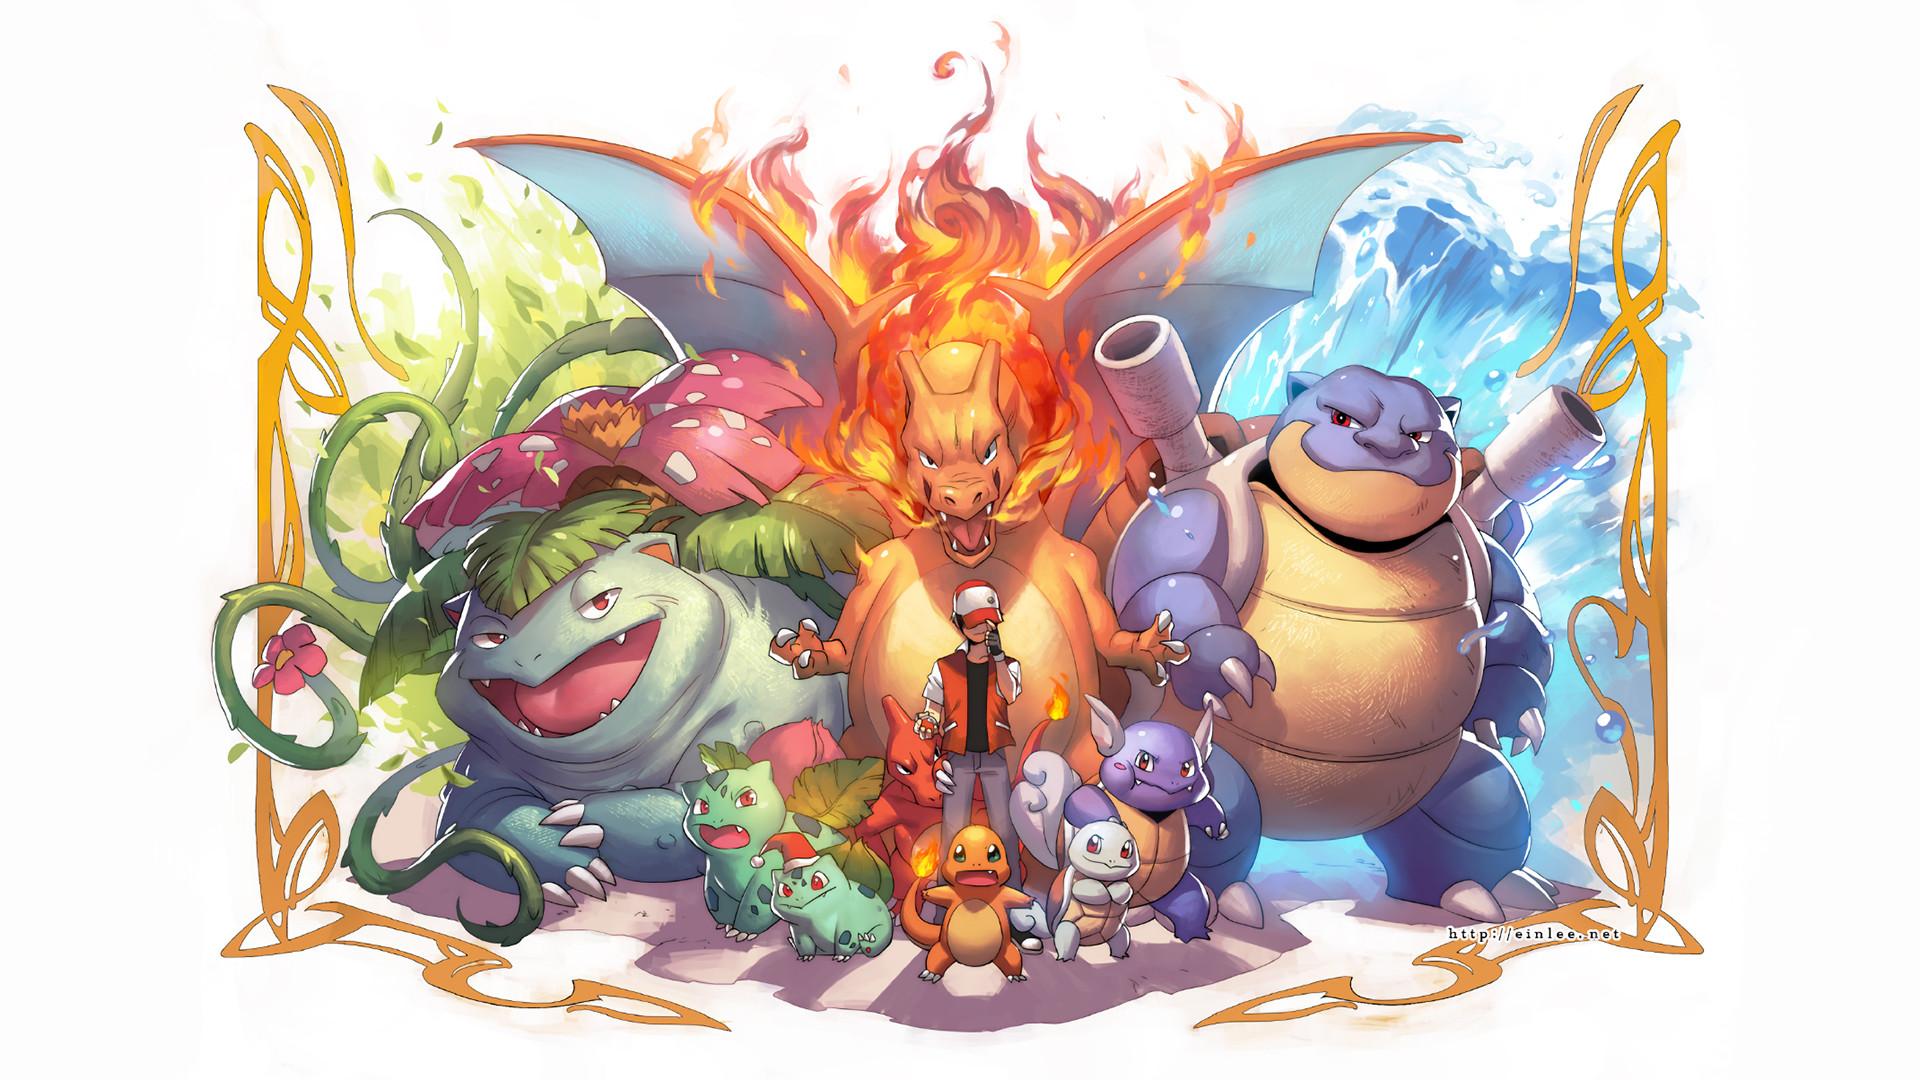 Pokemon Misty Wallpaper (70+ images)